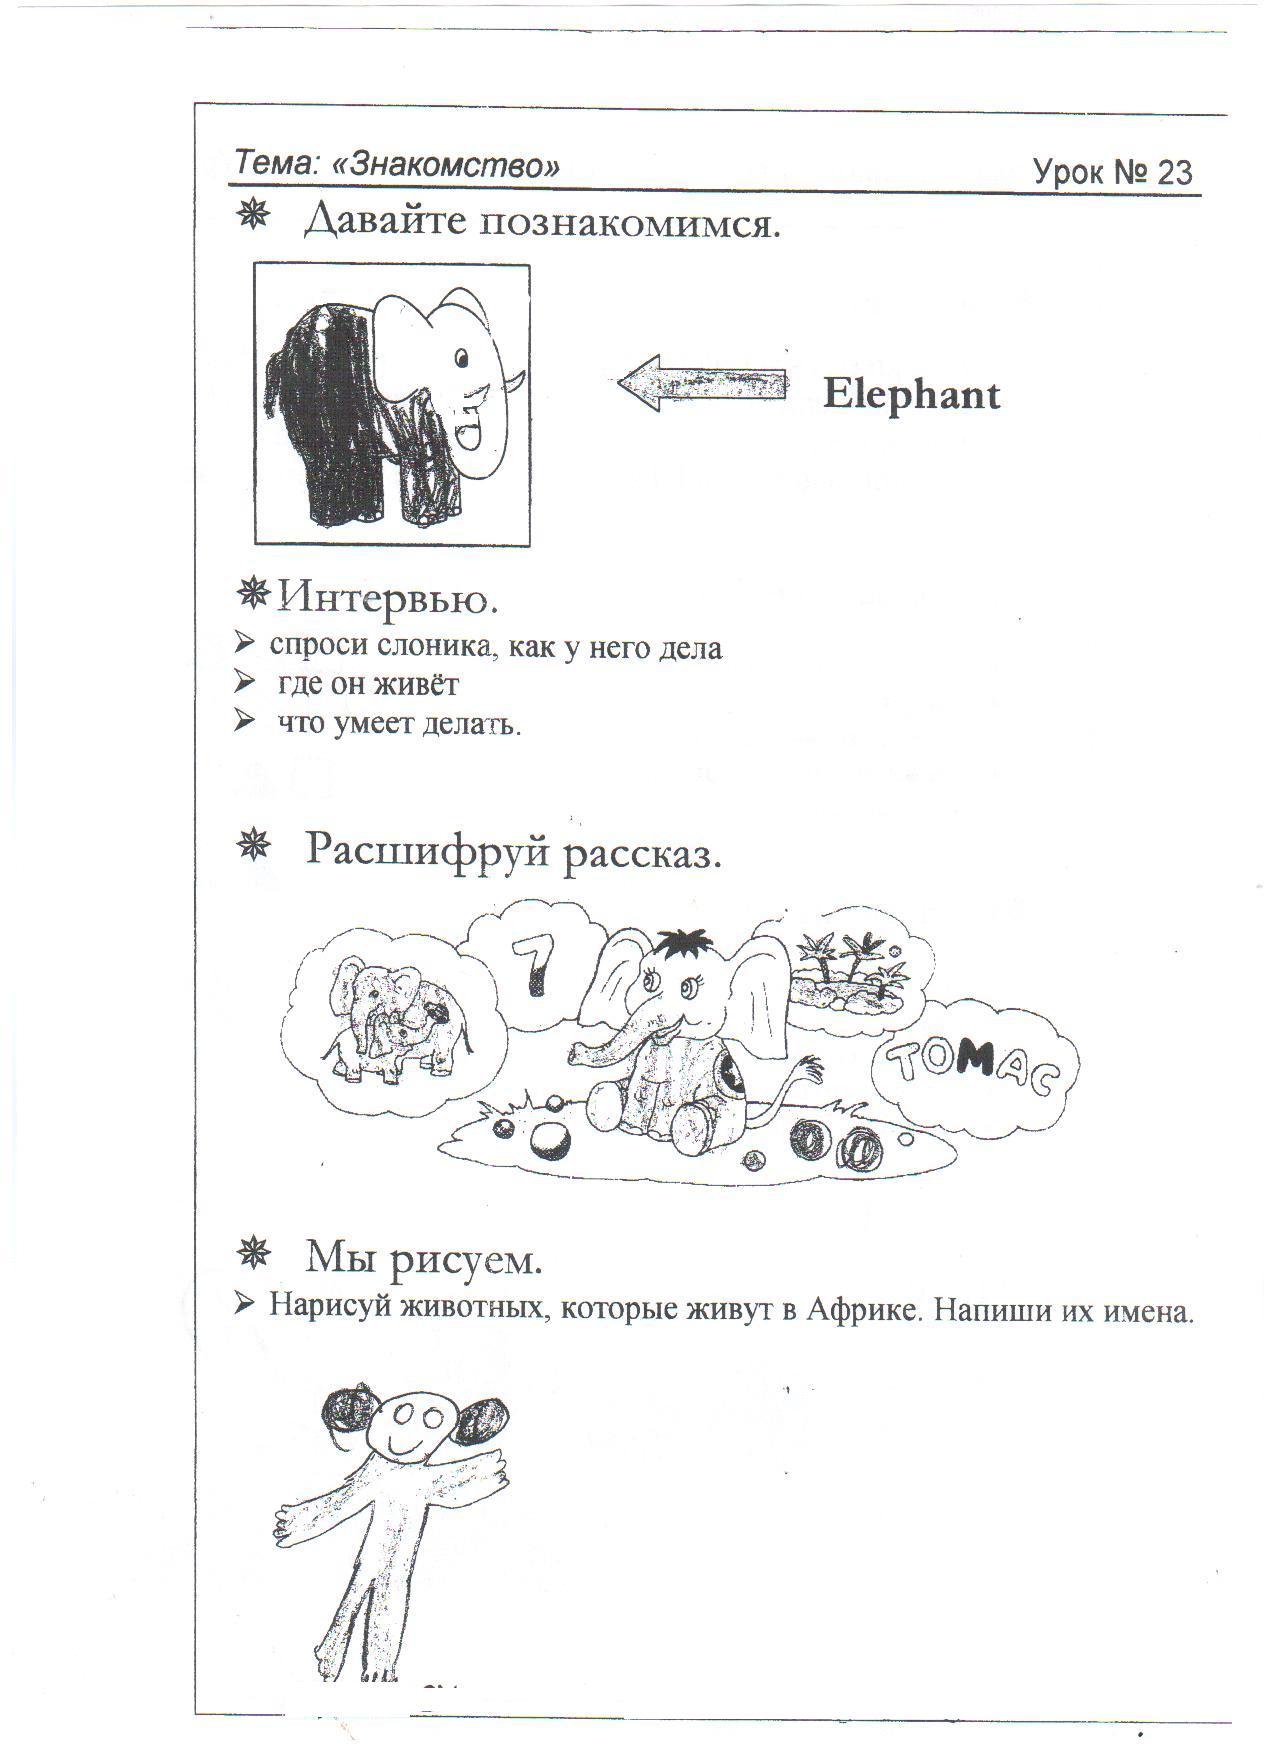 C:\Documents and Settings\Admin\Мои документы\Мои рисунки\Изображение\Изображение 093.jpg